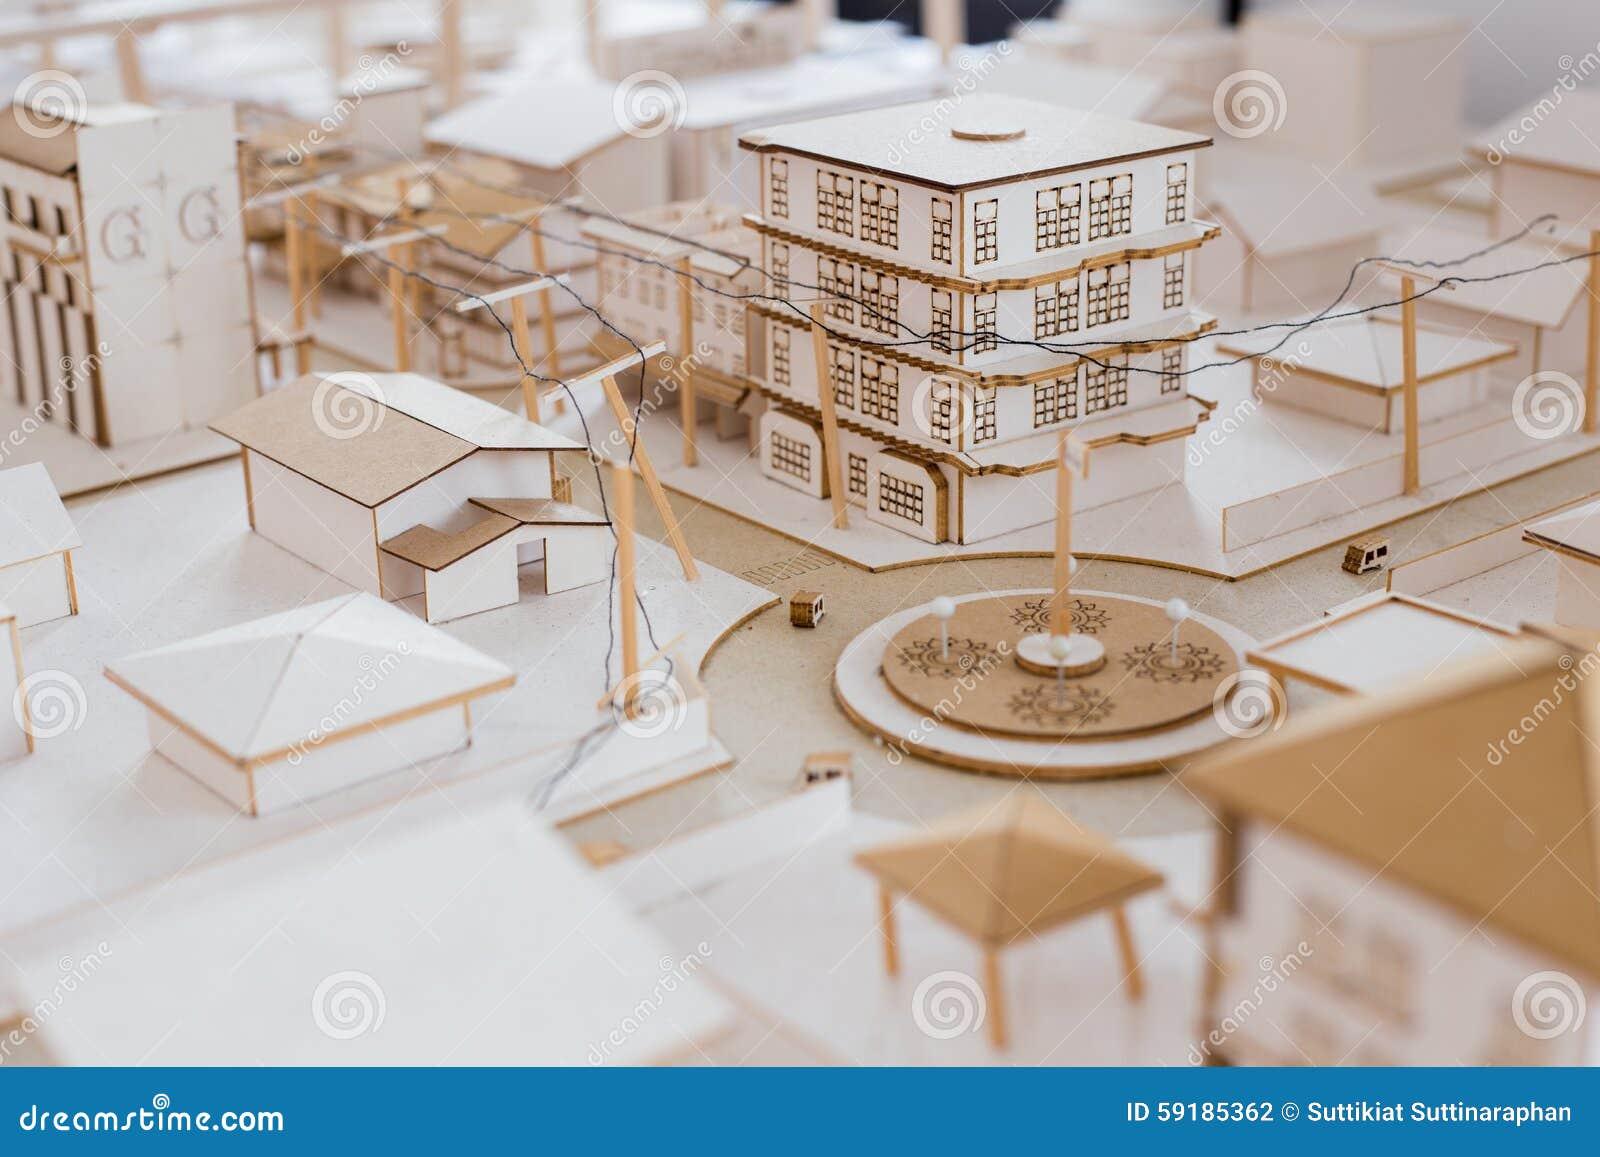 Urban Architecure model stock photo  Image of houses - 59185362